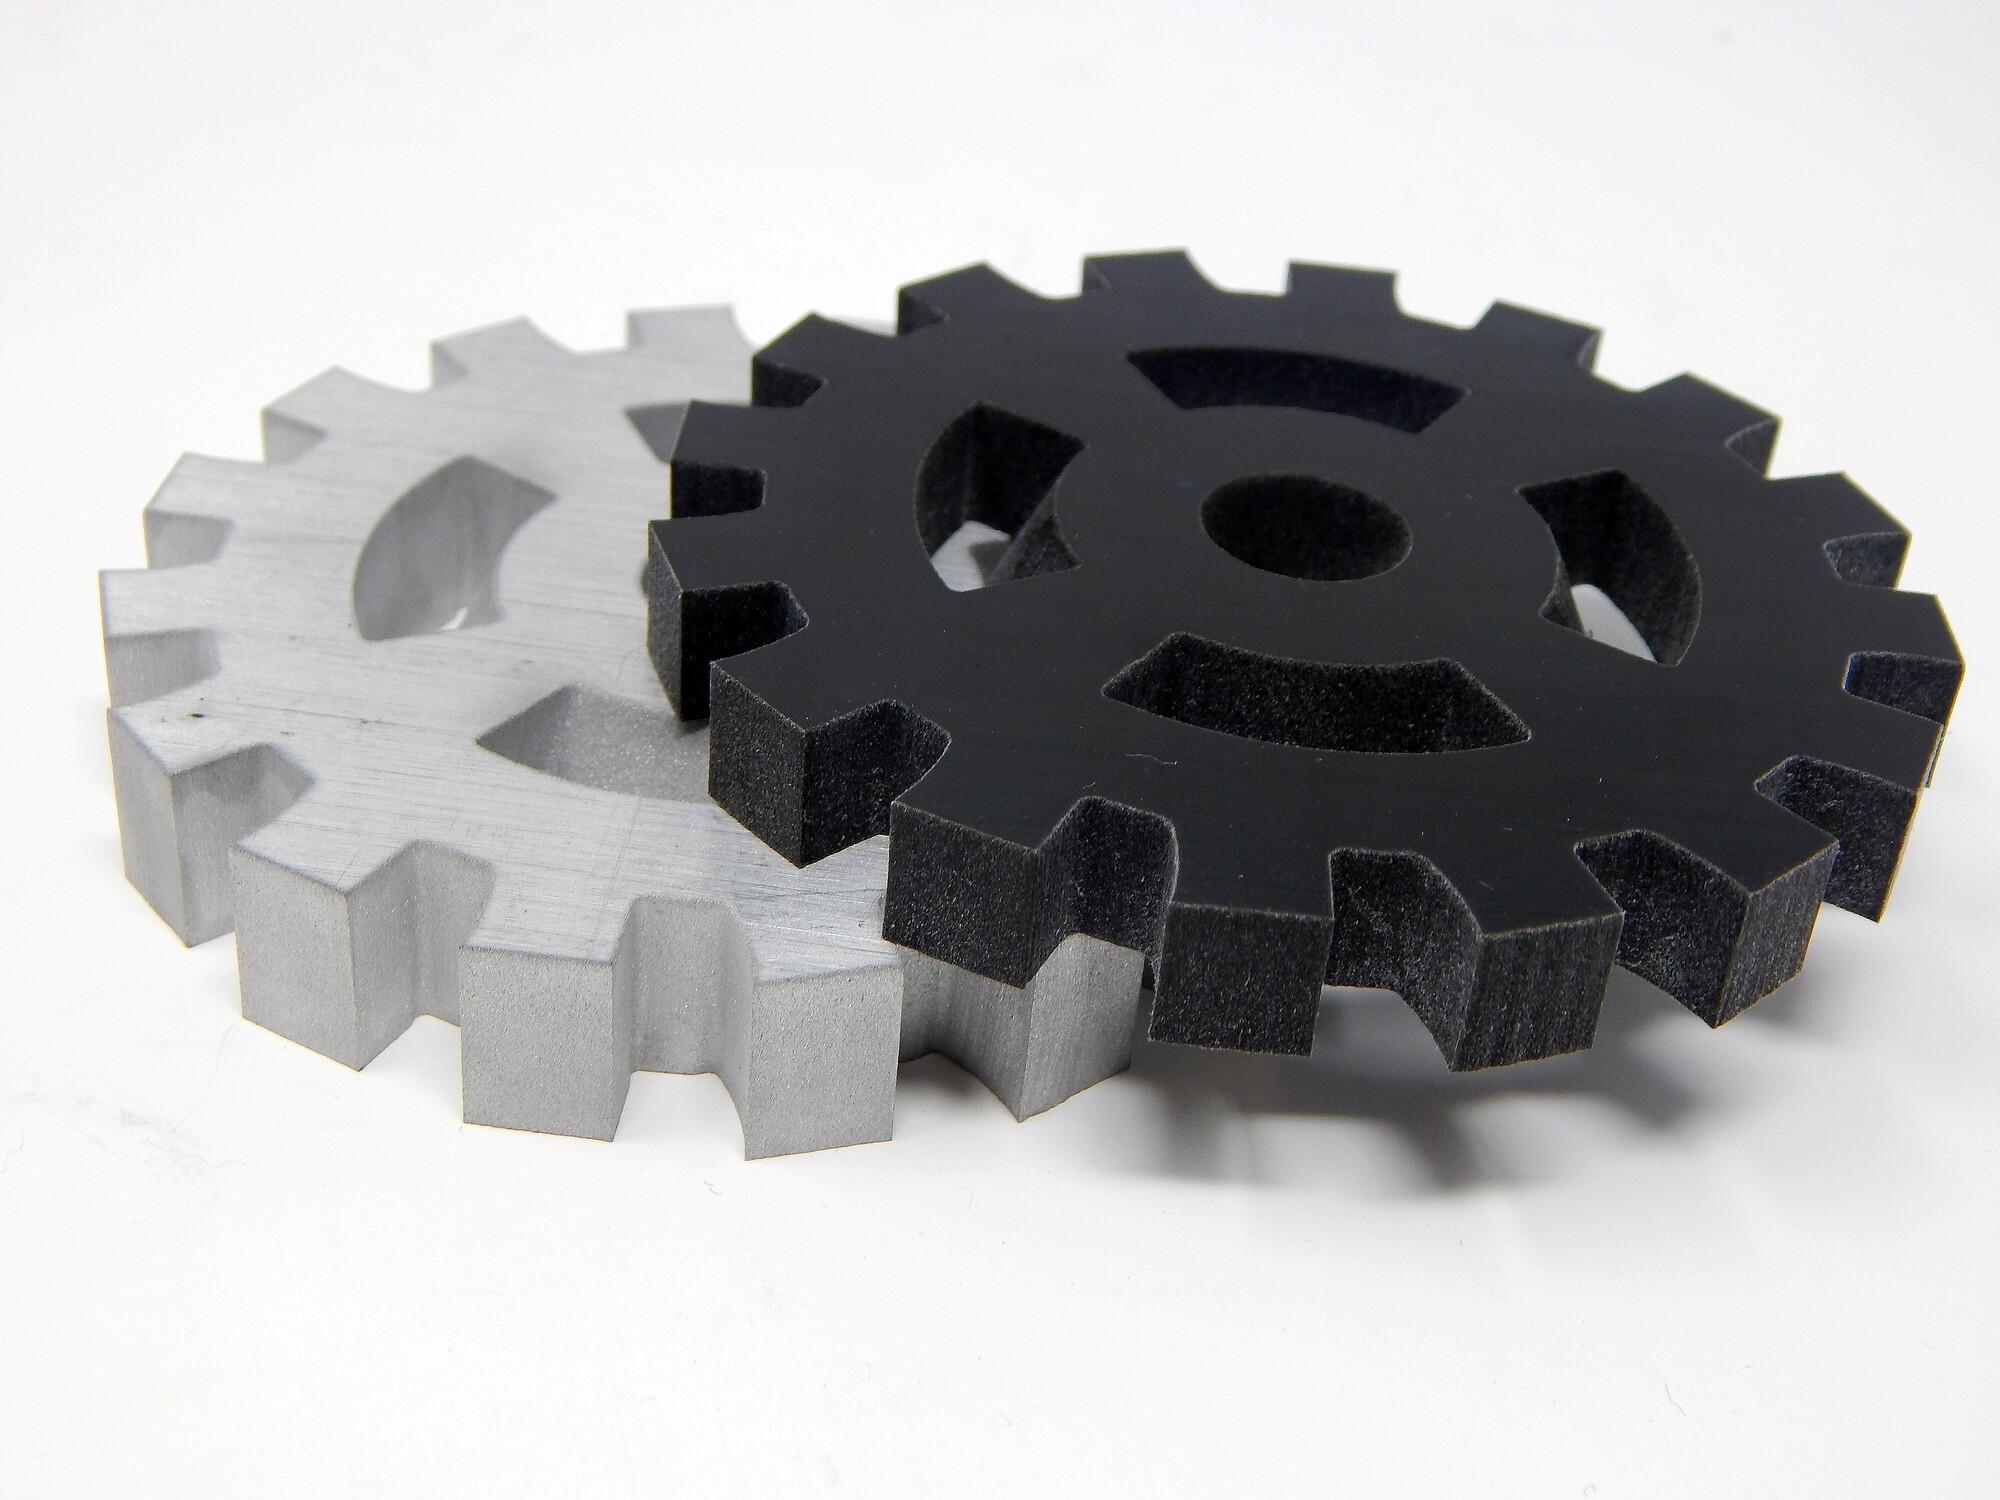 5-Axis waterjet cut gears